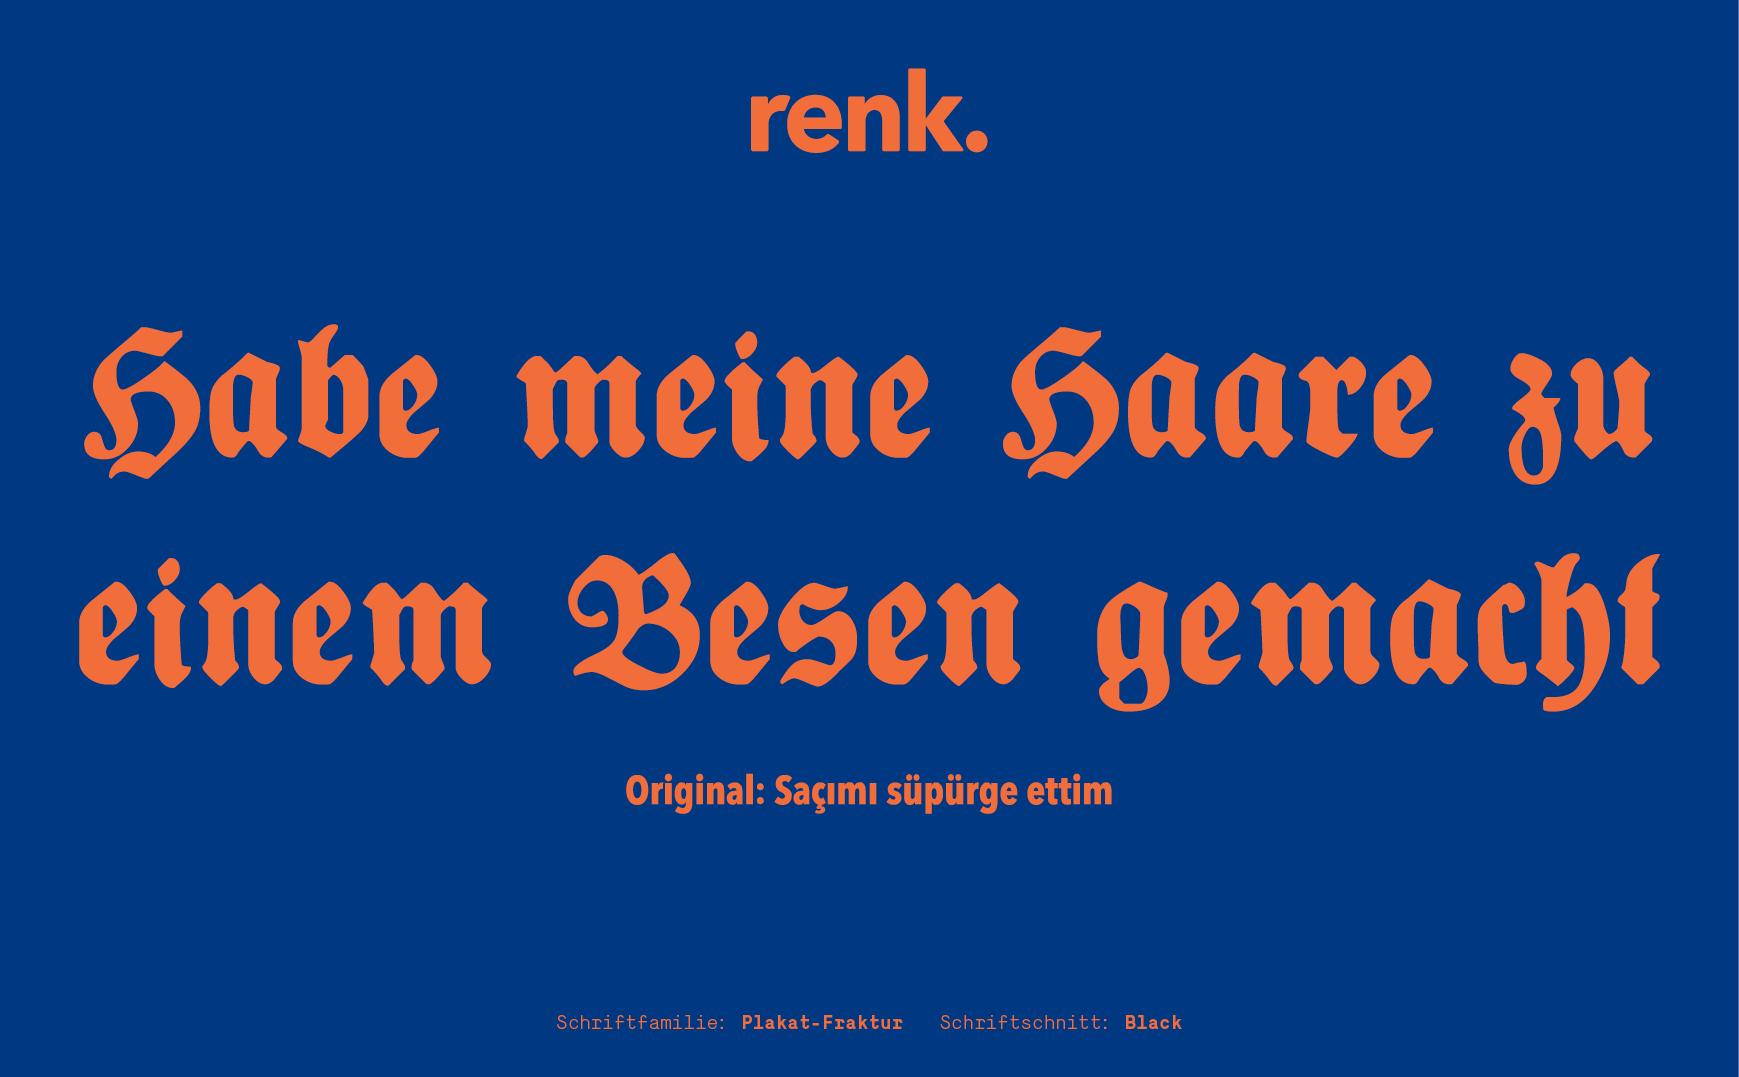 renk_sprichwort33